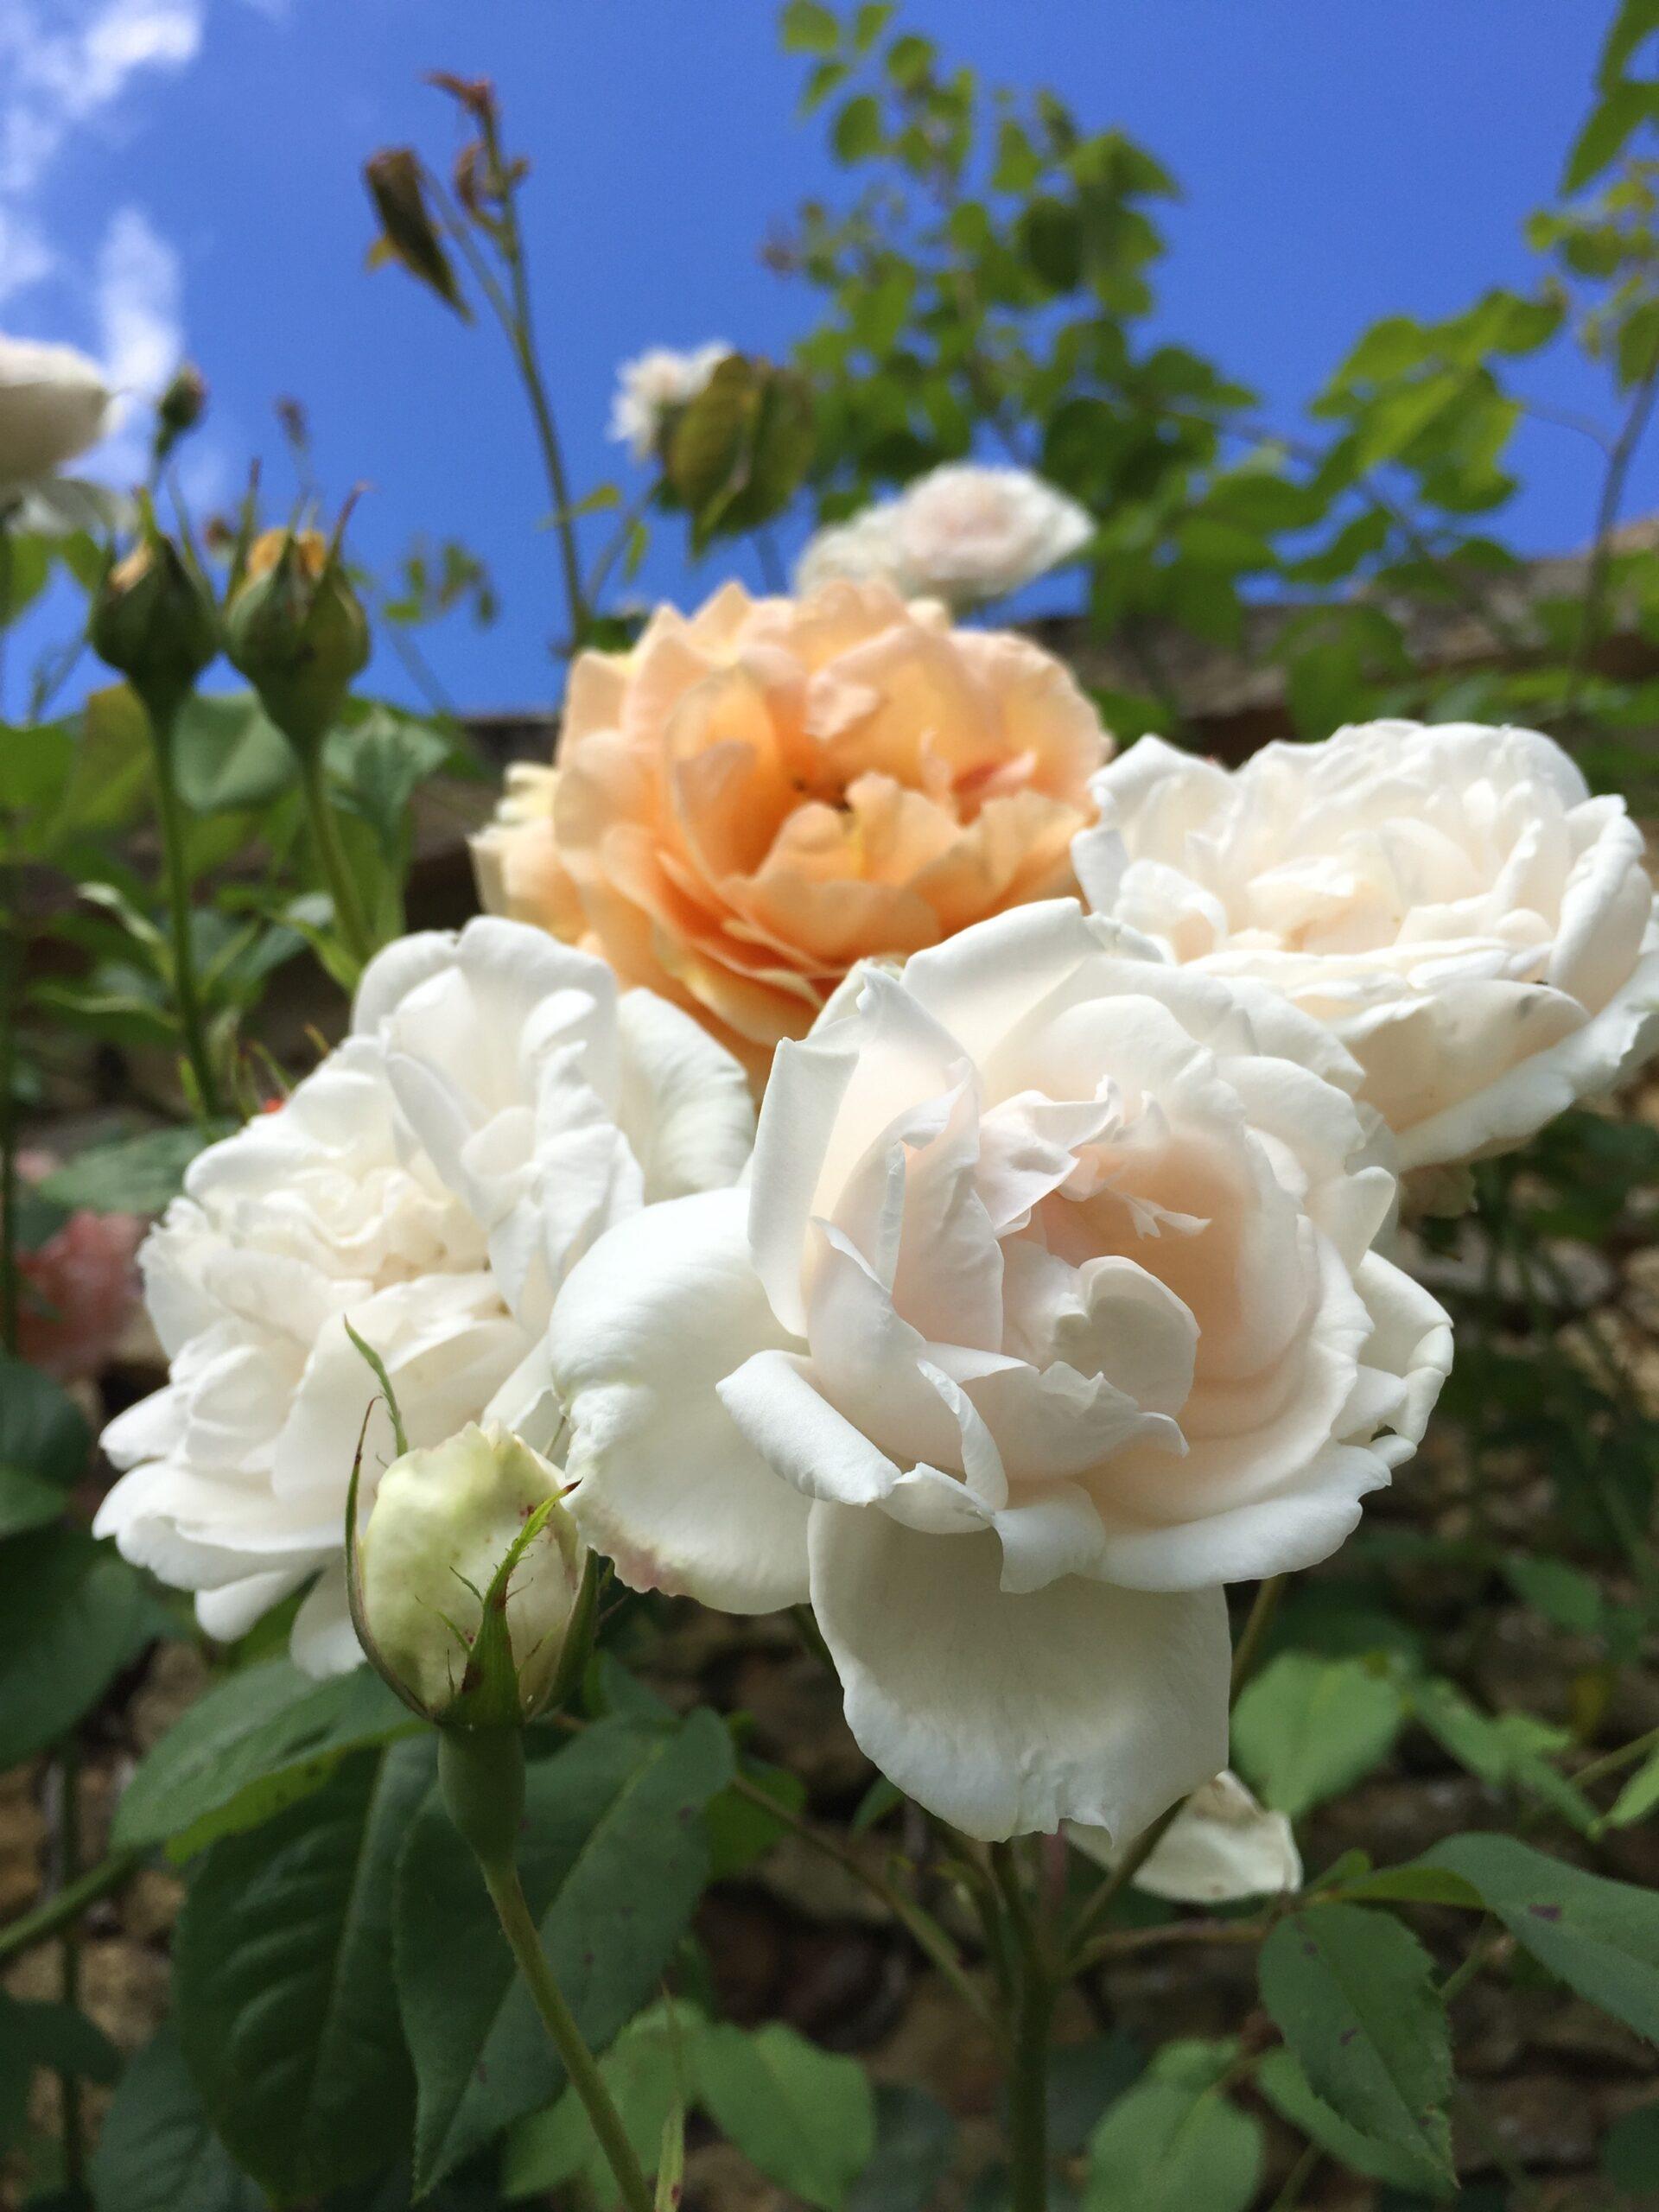 Geurende rozen in de tuinen van Le Mas & Le Mazet, vakantieverblijf in de Dordogne